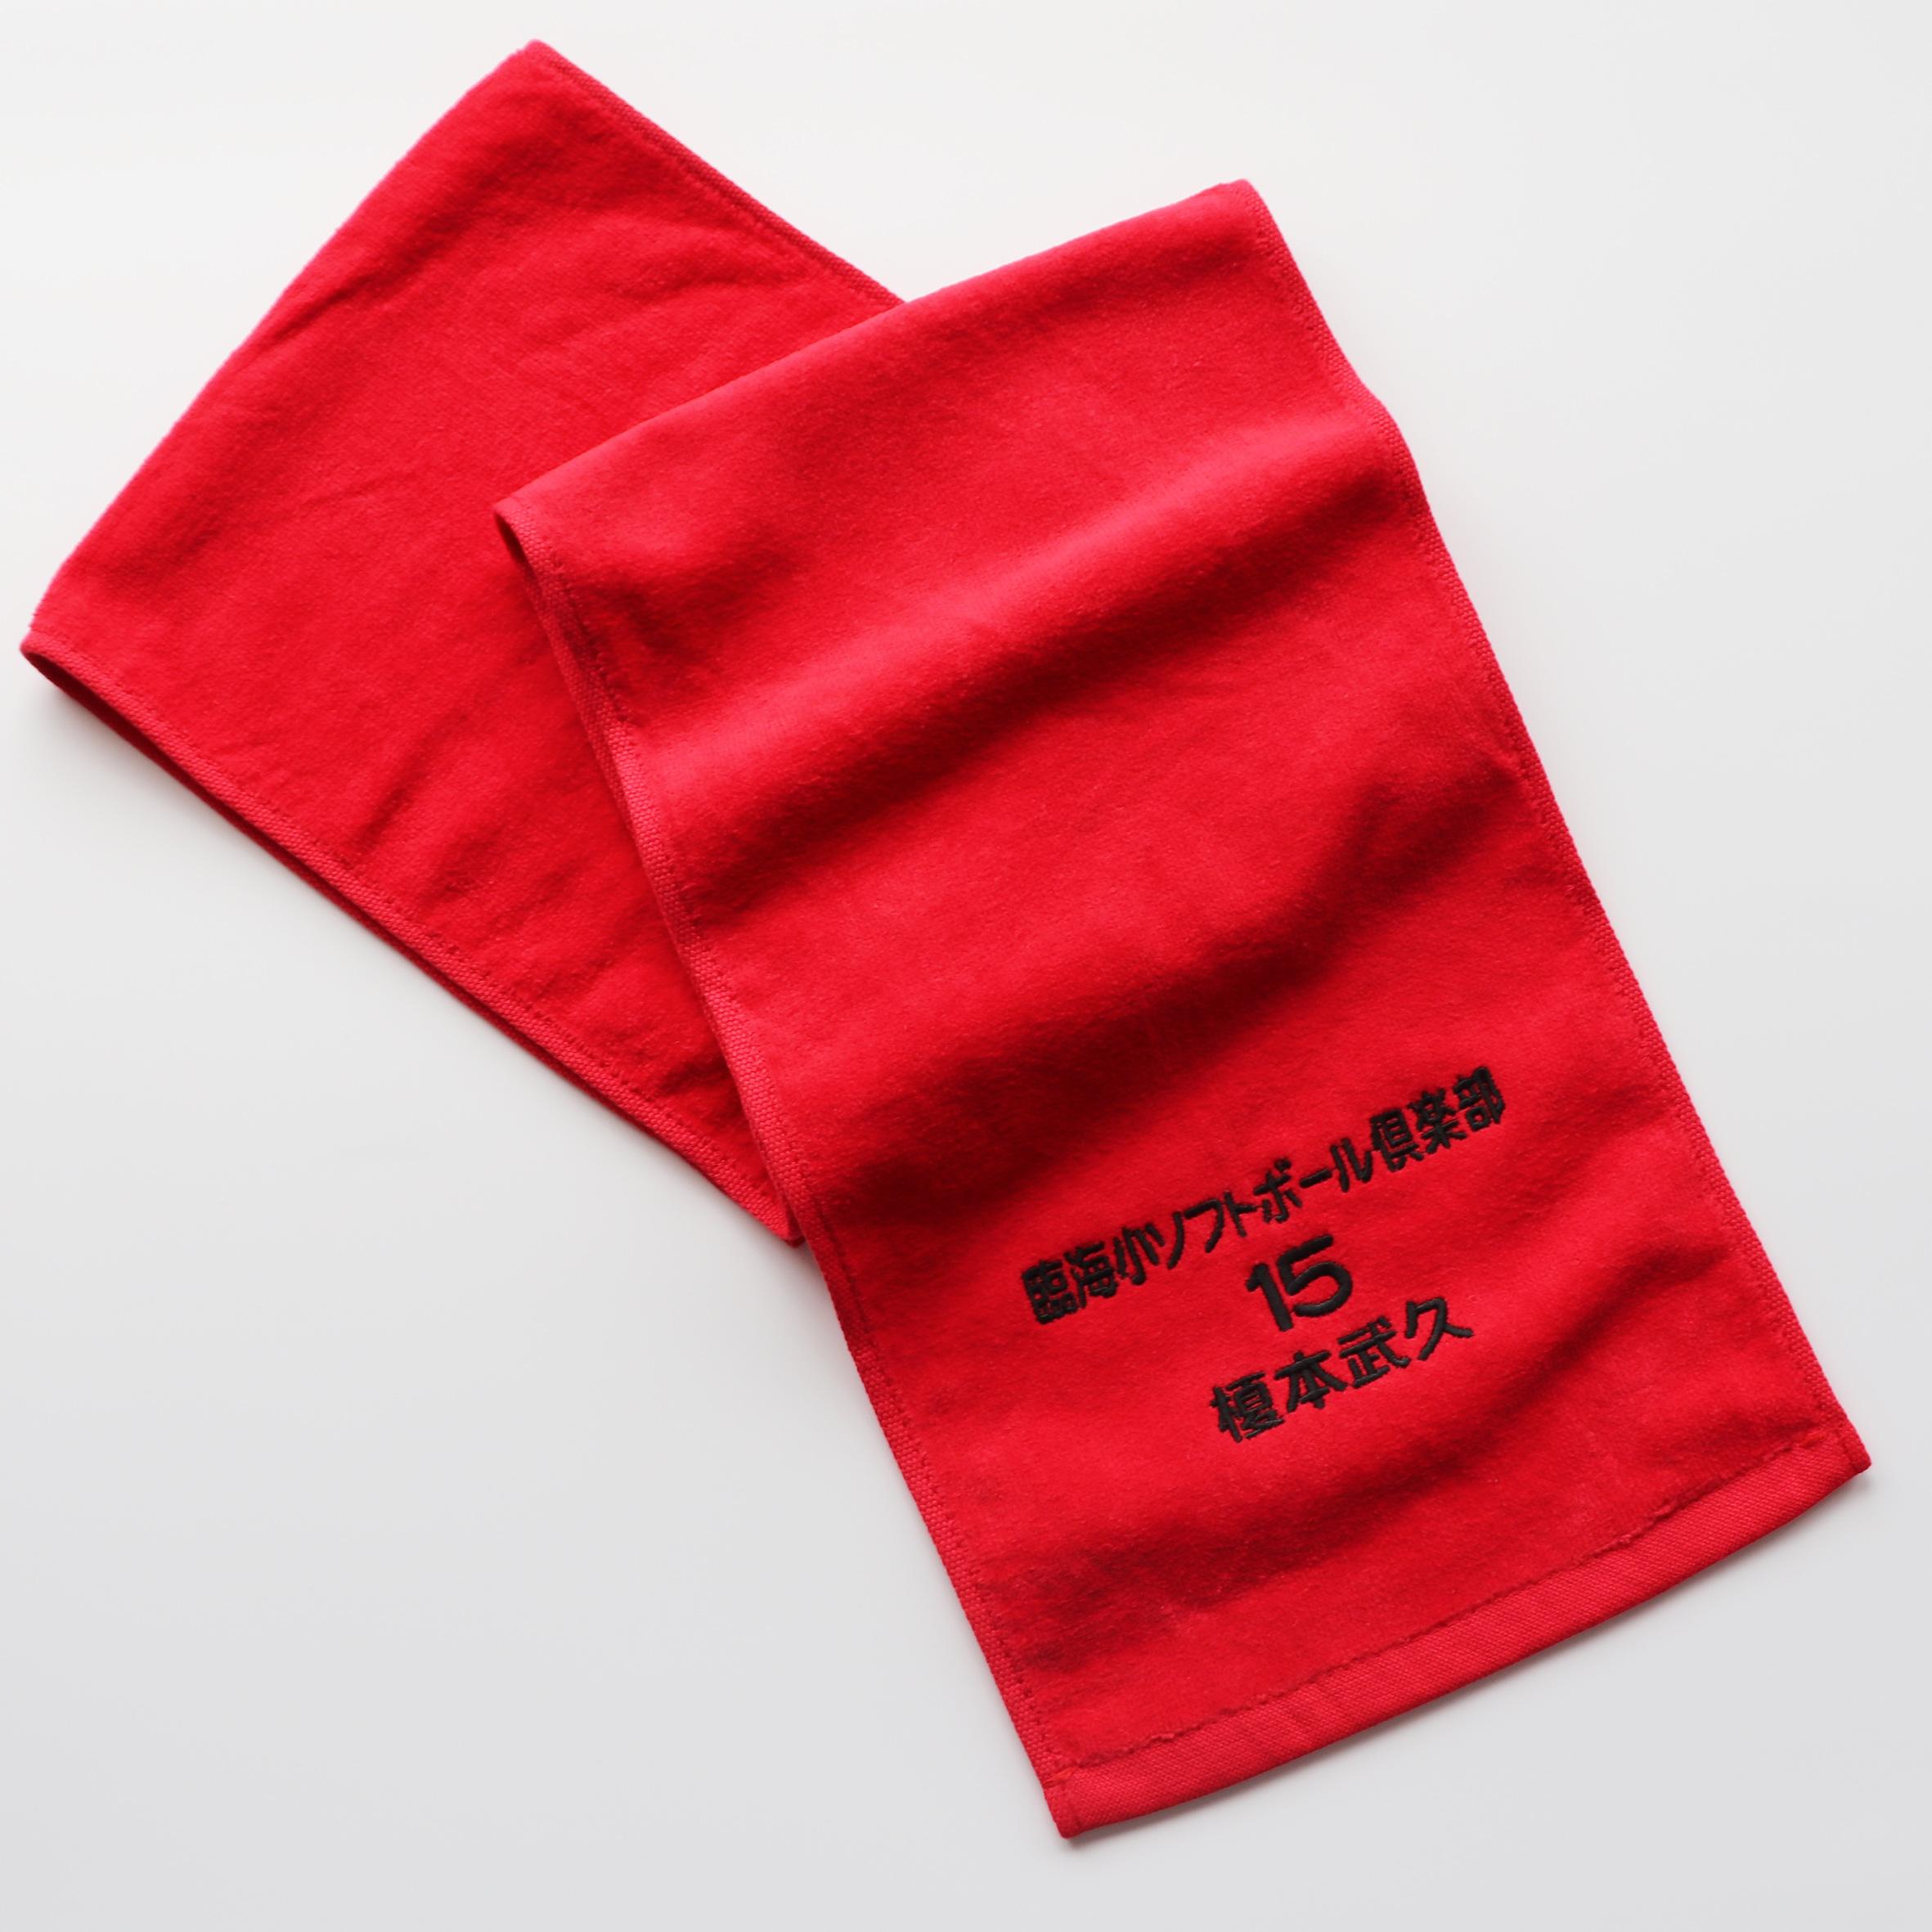 【15110】<br>チーム刺繍/A位置<br>NNT<br>マフラータオル<br>レッド